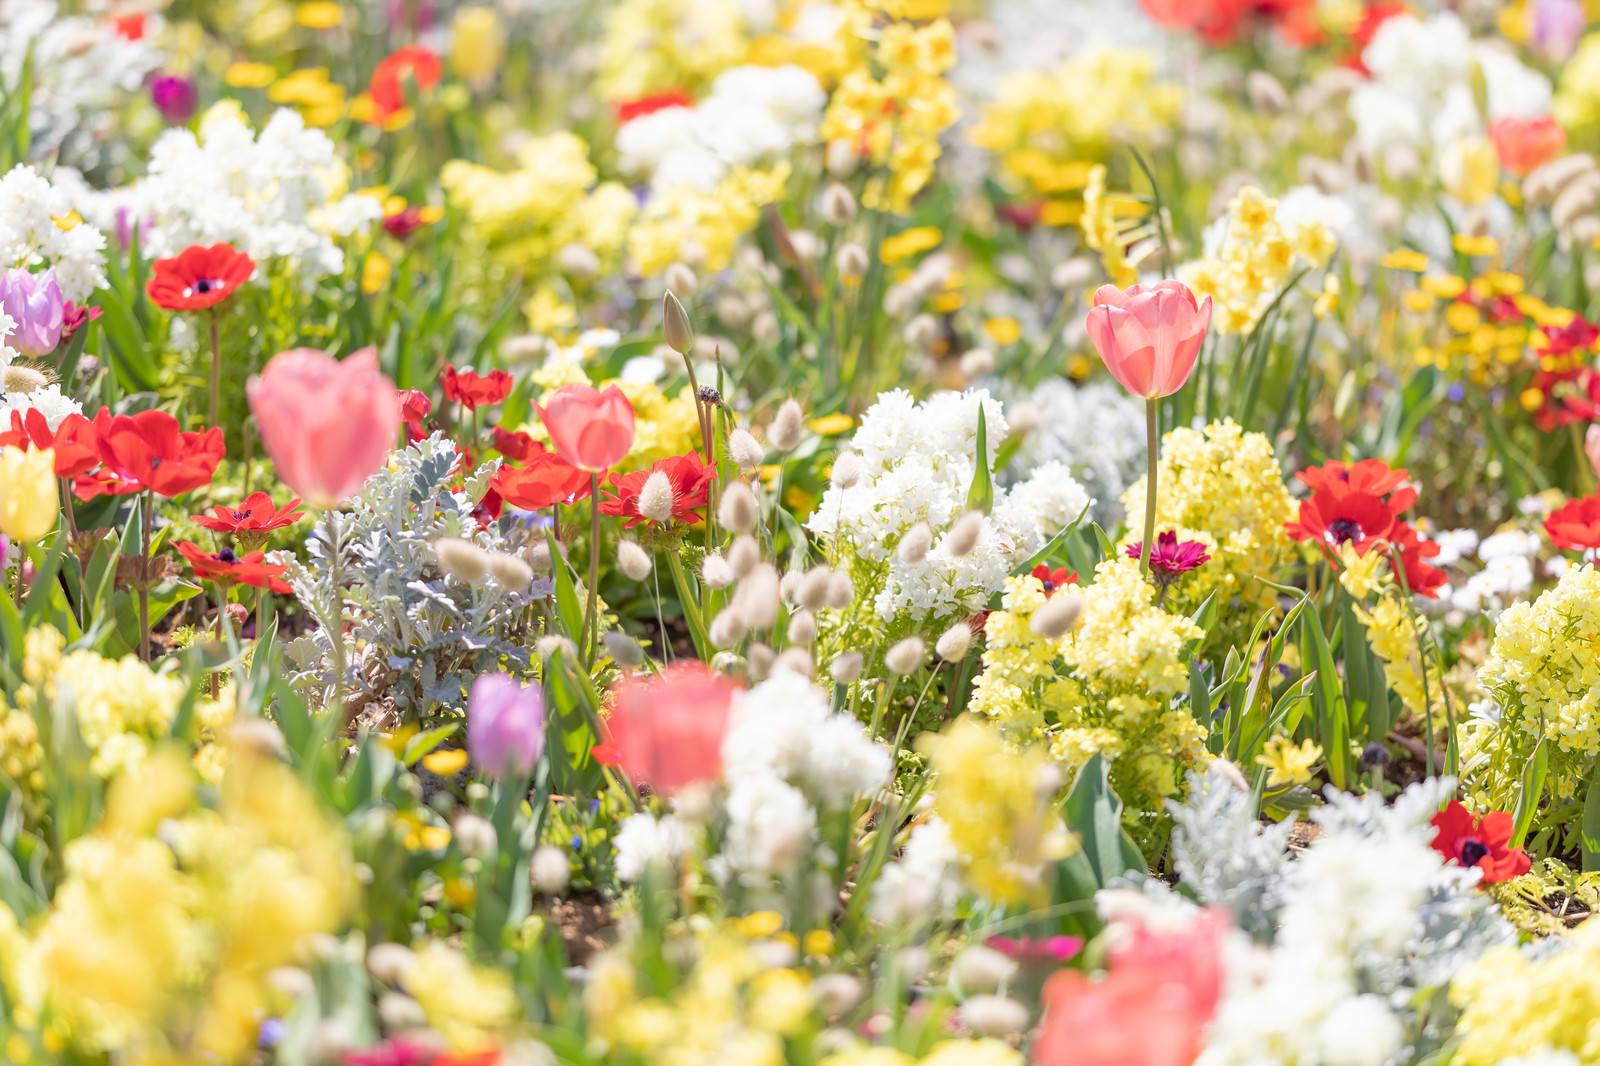 「チューリップなどが咲く花壇」の写真